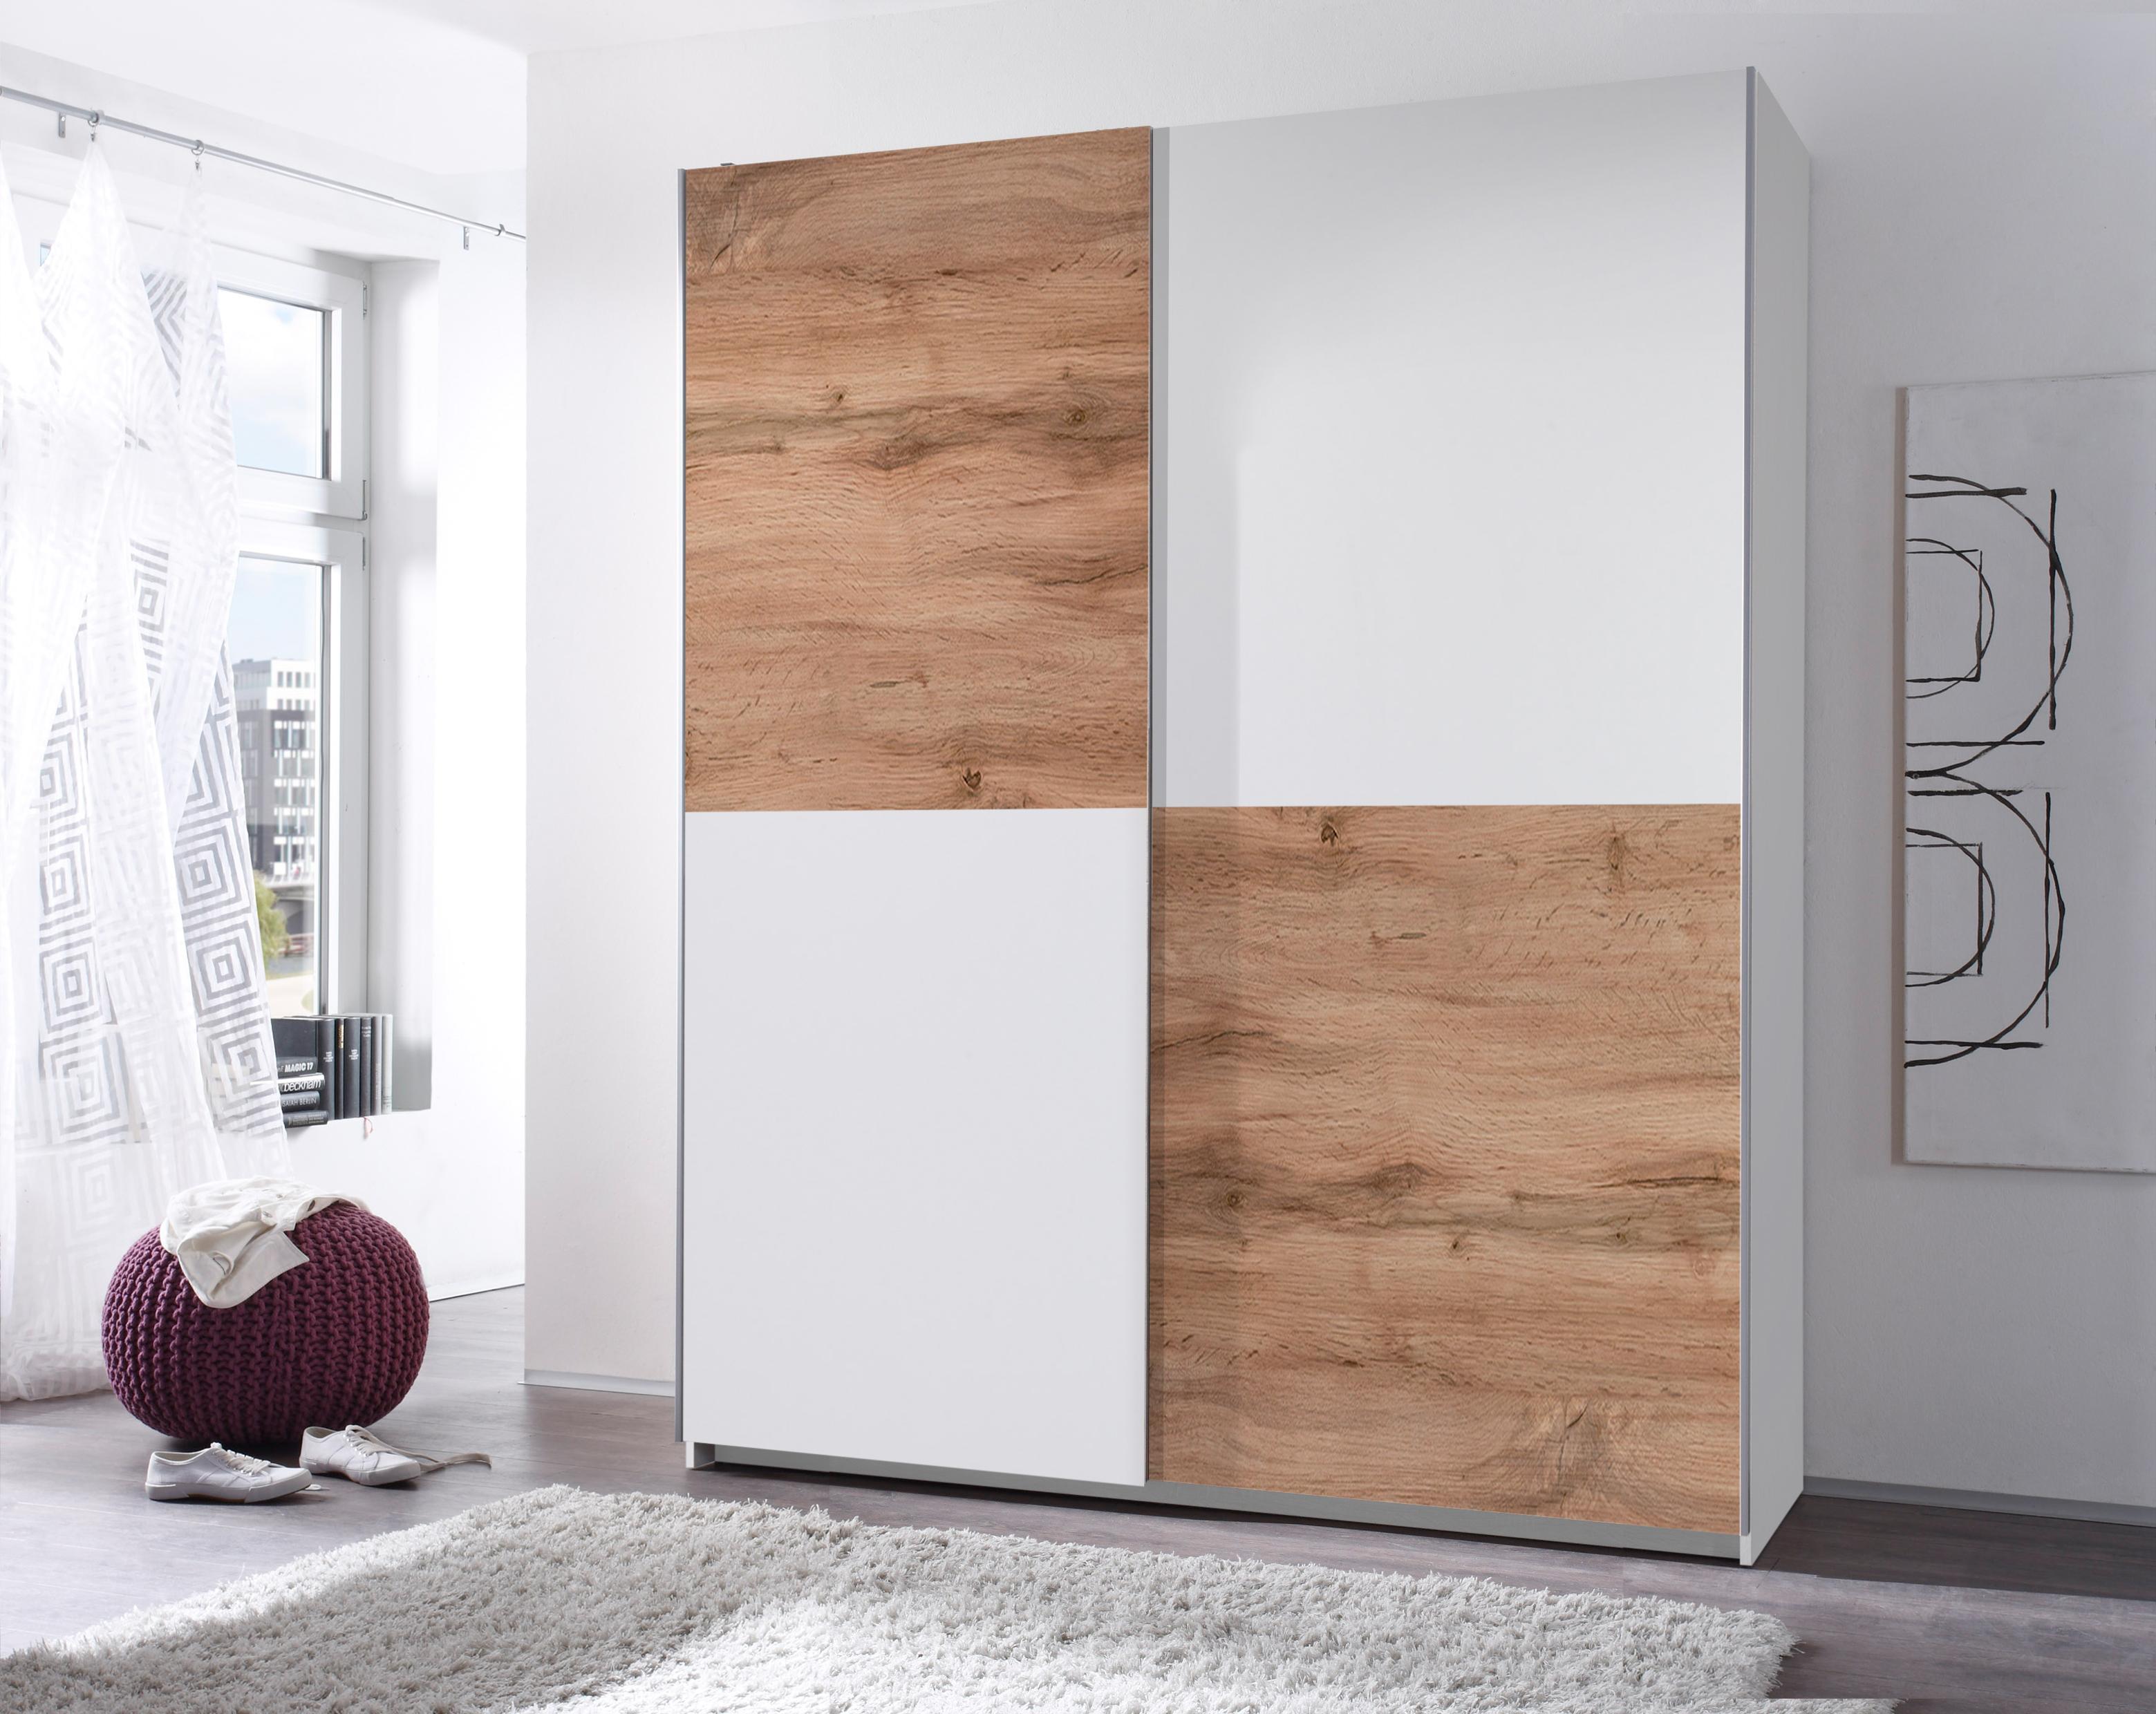 Kleiderschrank Schwebetürenschrank Schlafzimmer 170cm Weiß Schachbrett Wildeiche   eBay